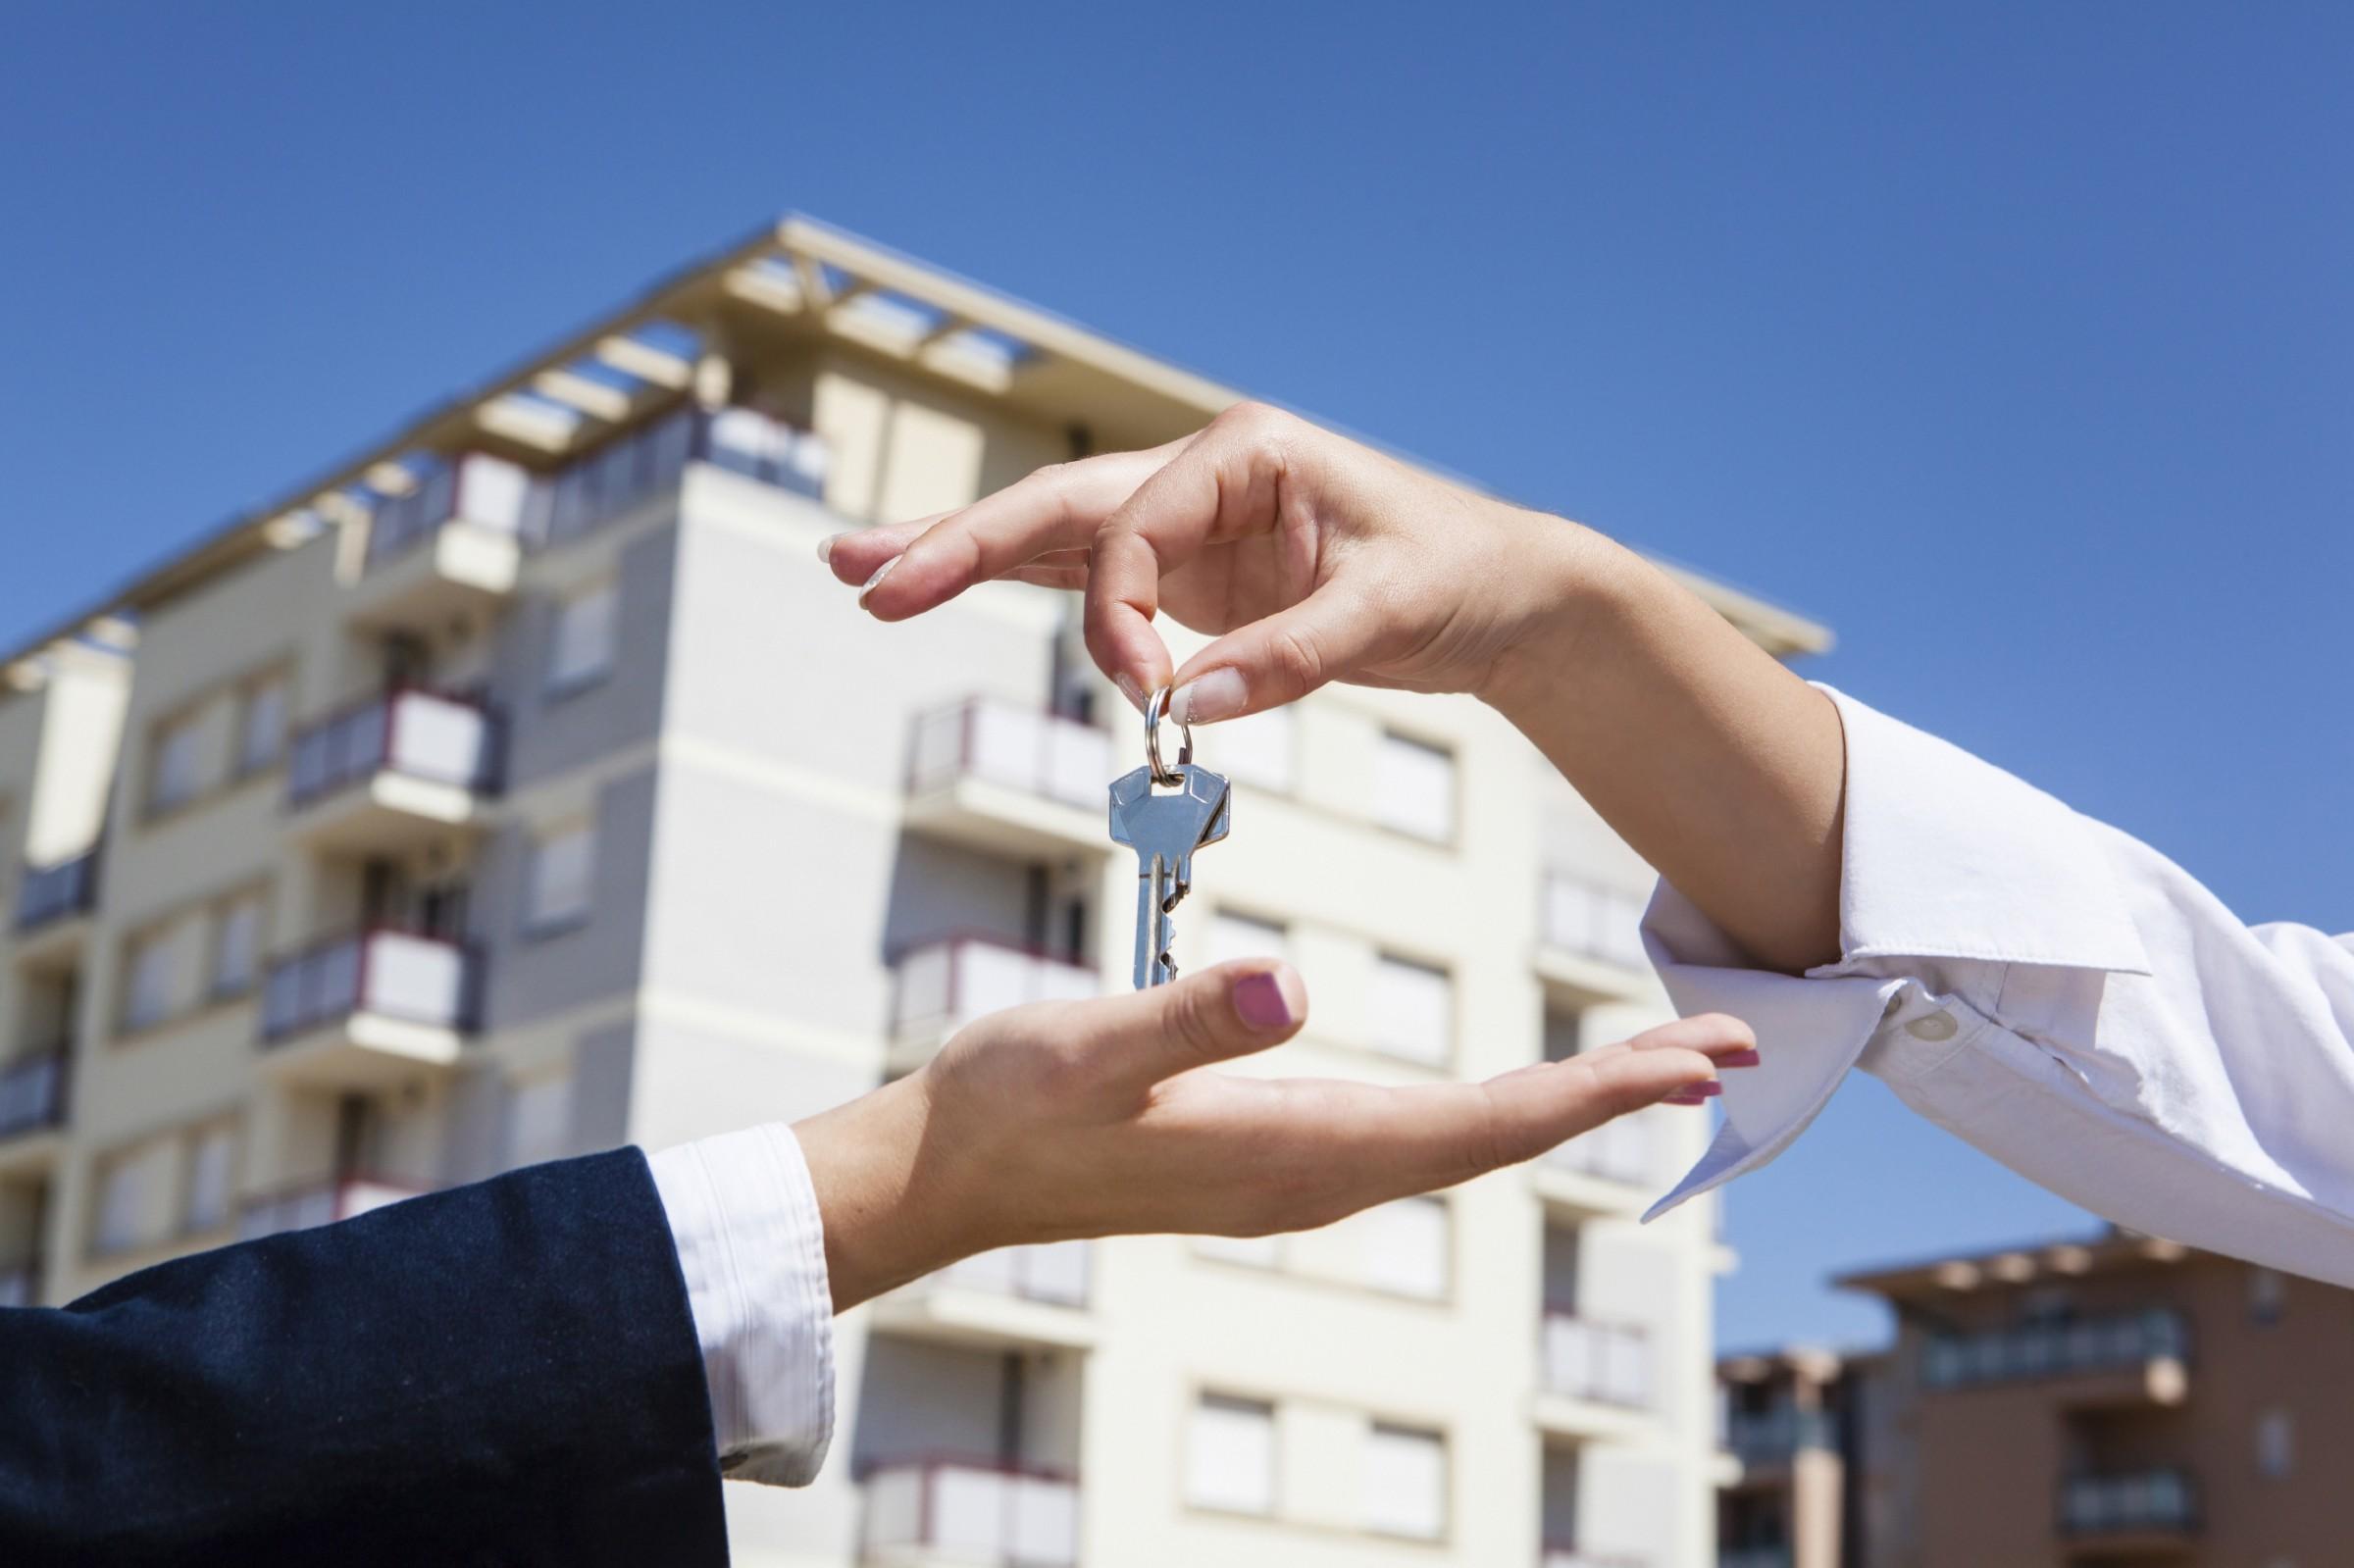 Как получить социальную ипотеку в 2020 году условия программы, кому положена